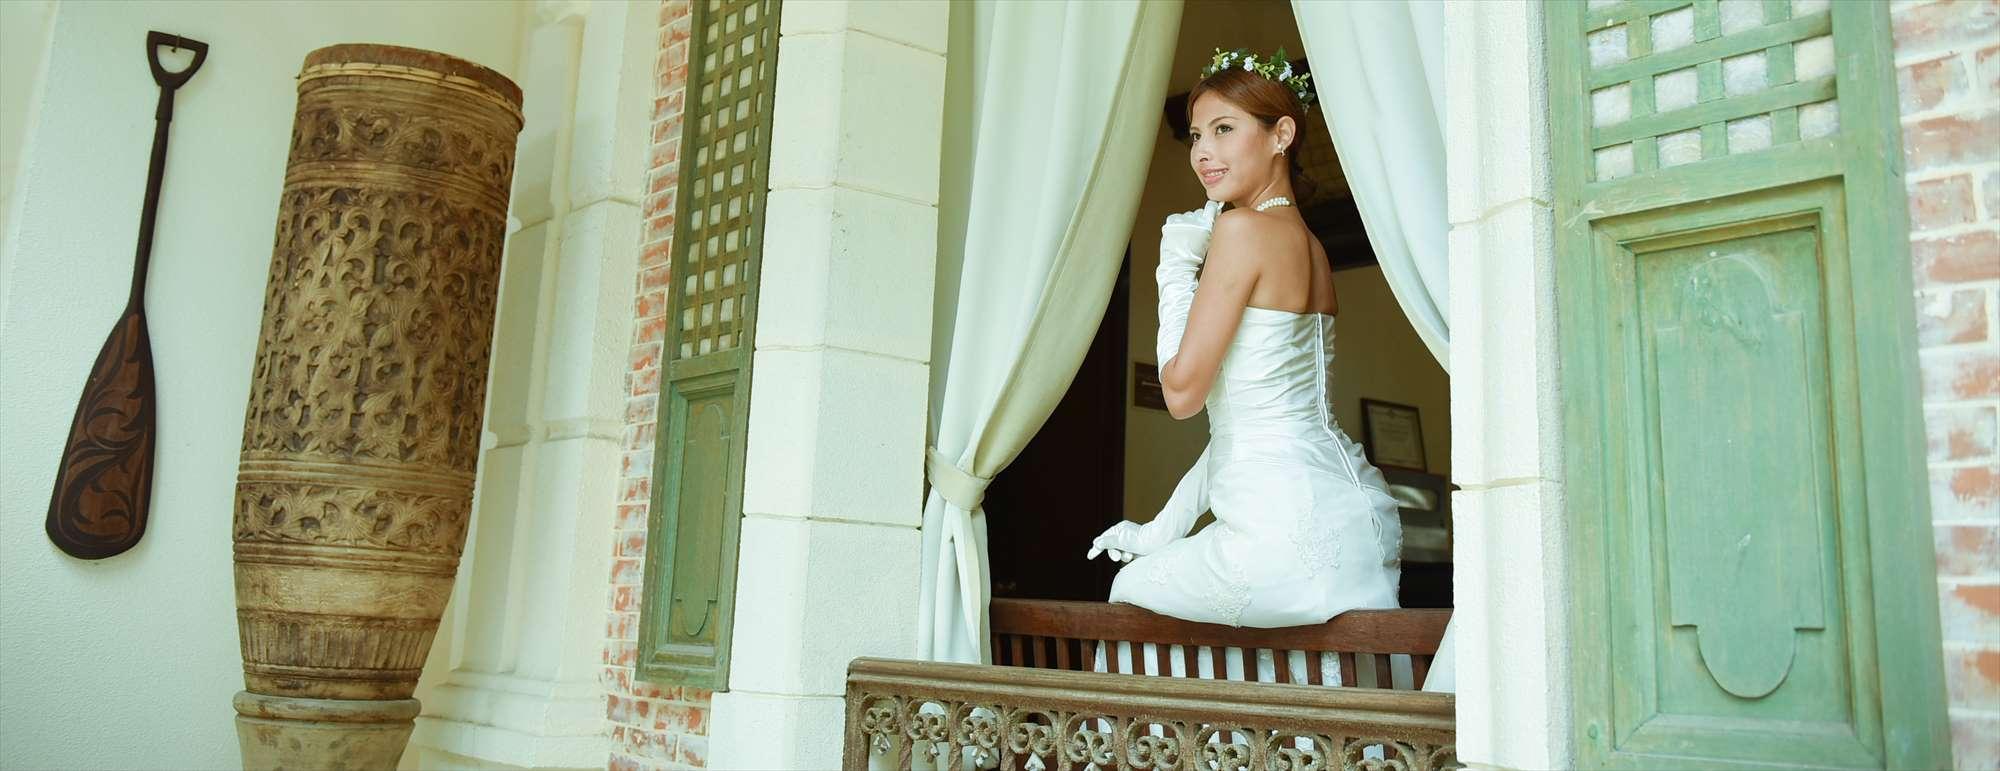 セブ島ホテル・ウェディング・フォトCostabella Tropical Beach Hotel Wedding~コスタベラ・トロピカル・ビーチ挙式